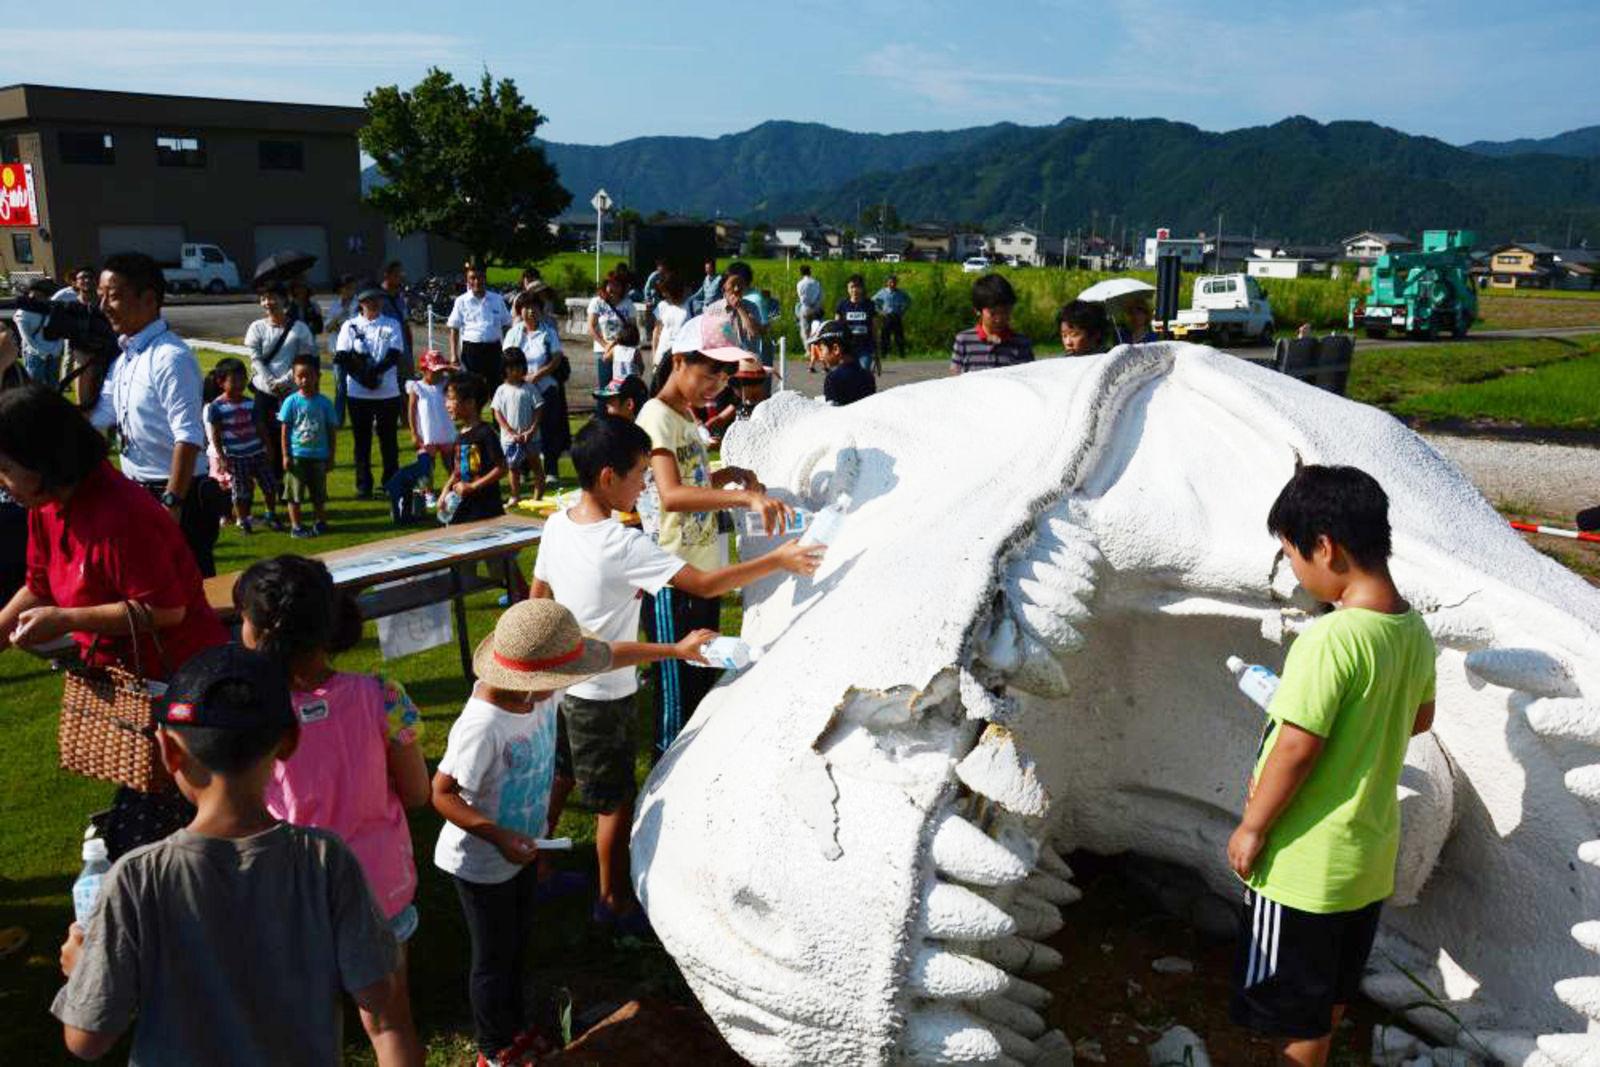 ホワイトザウルスの落ちた頭に、花を手向け水をかけてあげる子どもたち(写真提供: 勝山市)